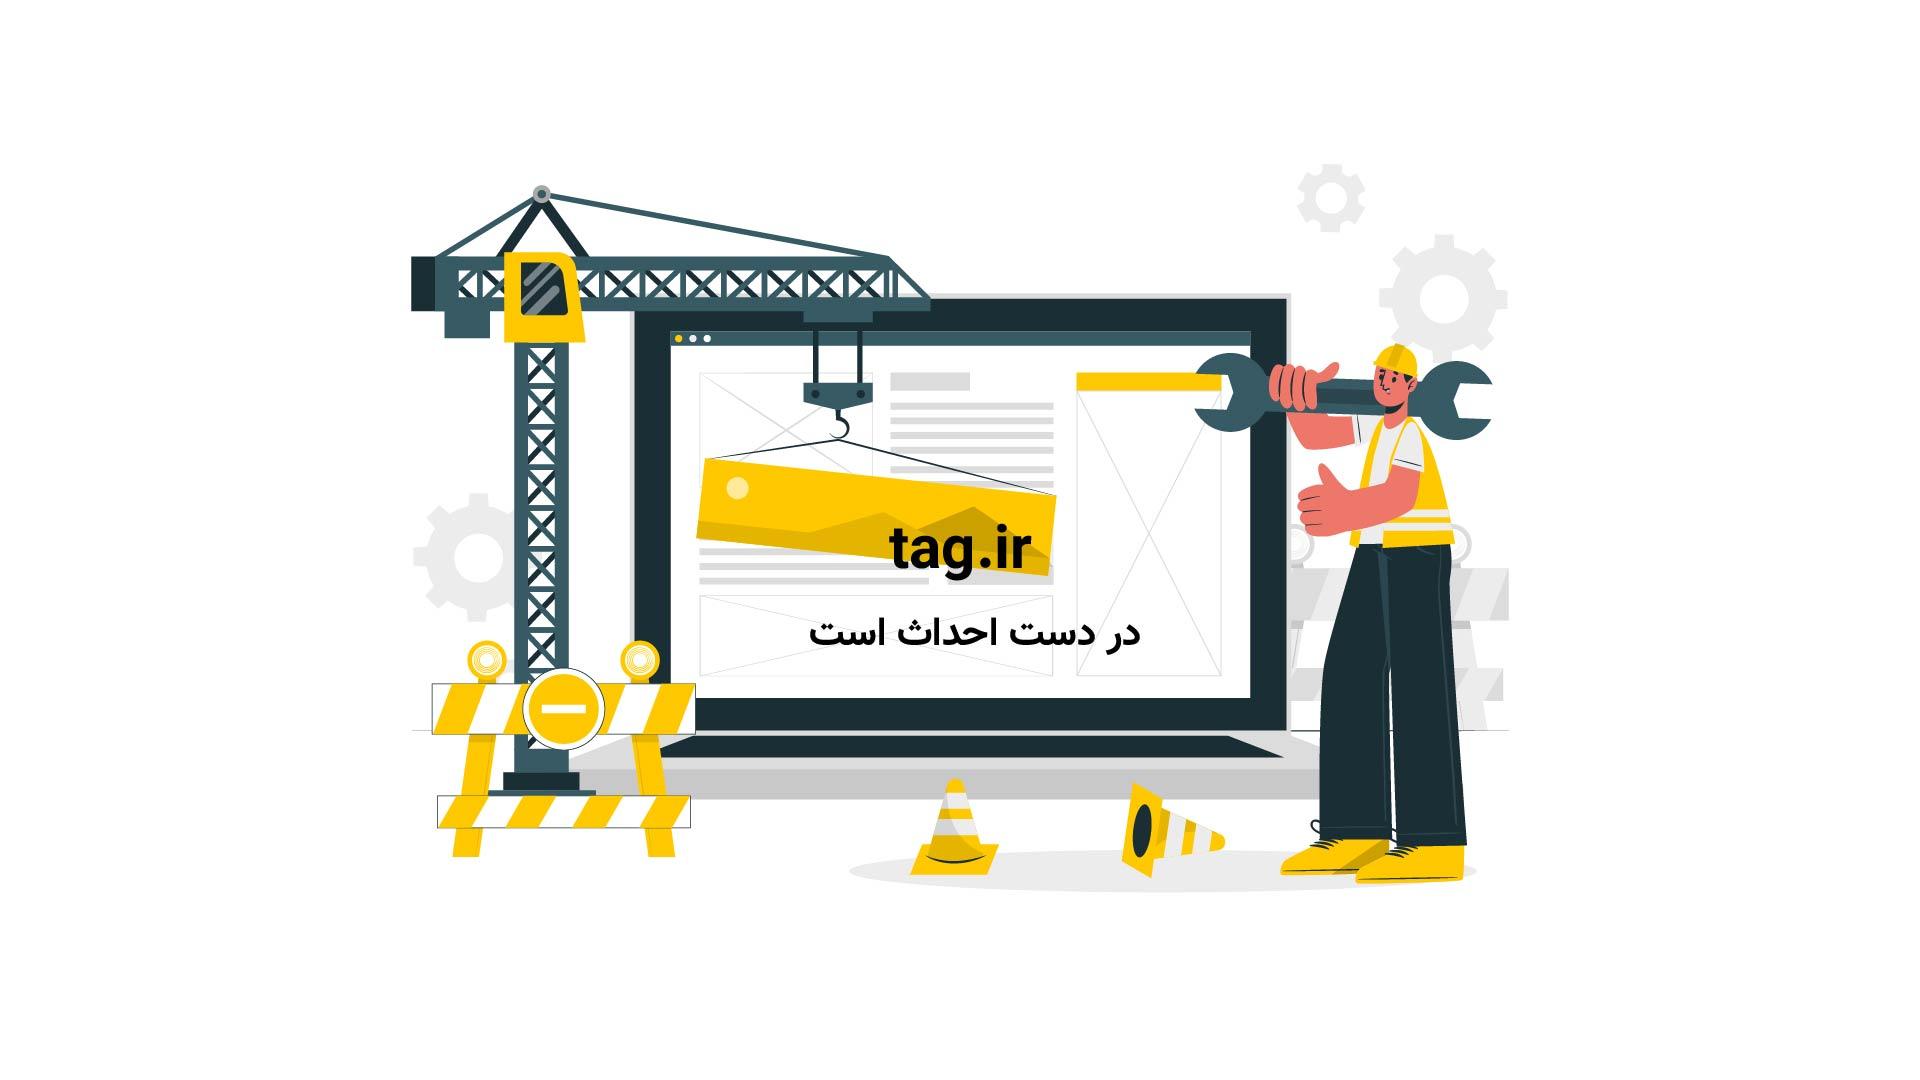 سخنرانی های تد ؛ اقدام زجرآور لغو کردن اشتراک |فیلم